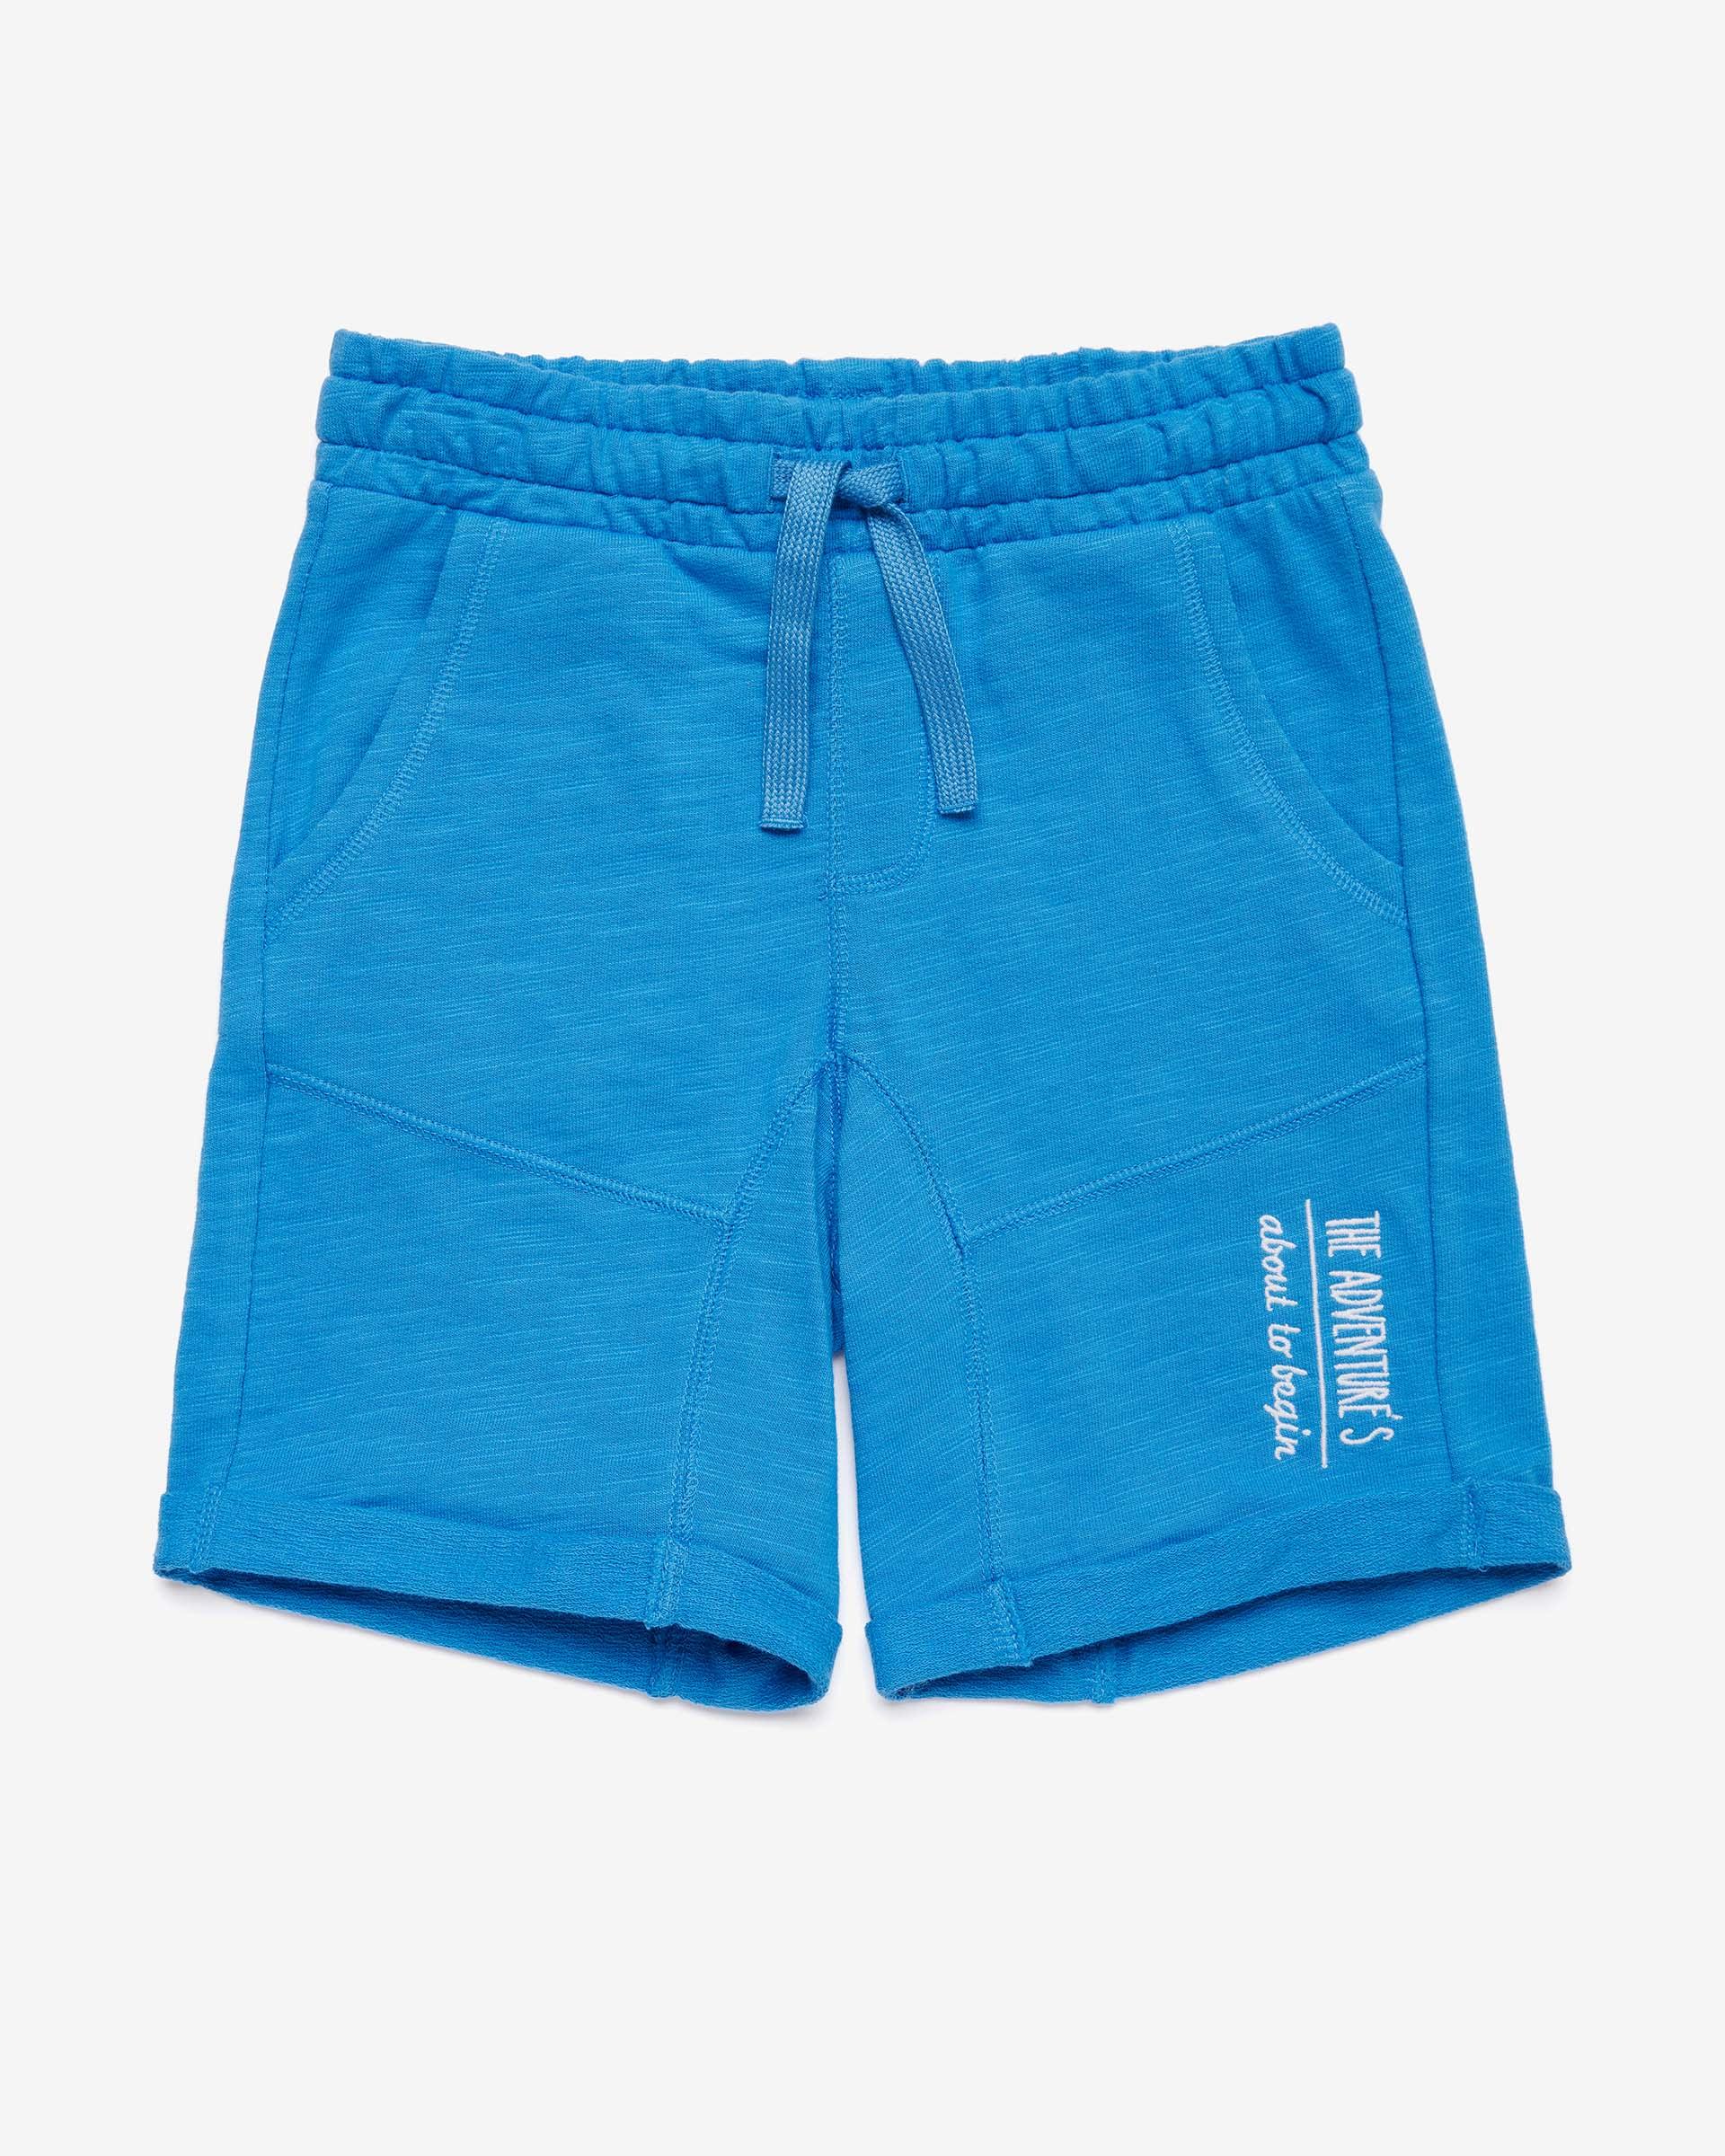 Купить 20P_3QC9I0048_08A, Спортивные шорты для мальчиков Benetton 3QC9I0048_08A р-р 152, United Colors of Benetton, Шорты для мальчиков